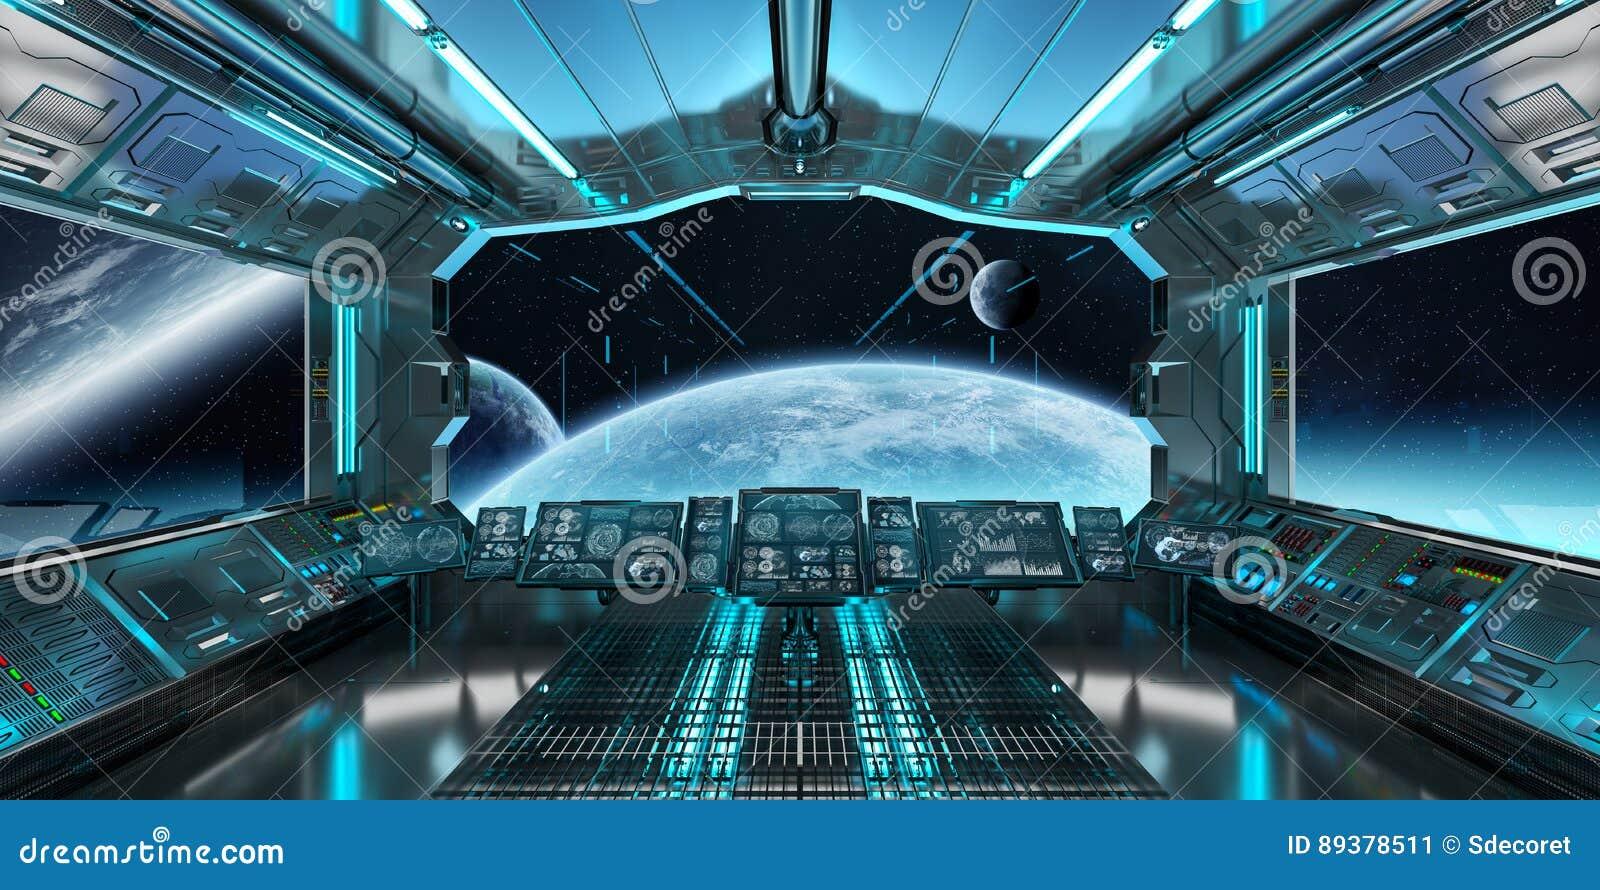 Interior De Ventana De Nave Espacial: El Interior De La Nave Espacial Con La Opinión Sobre El